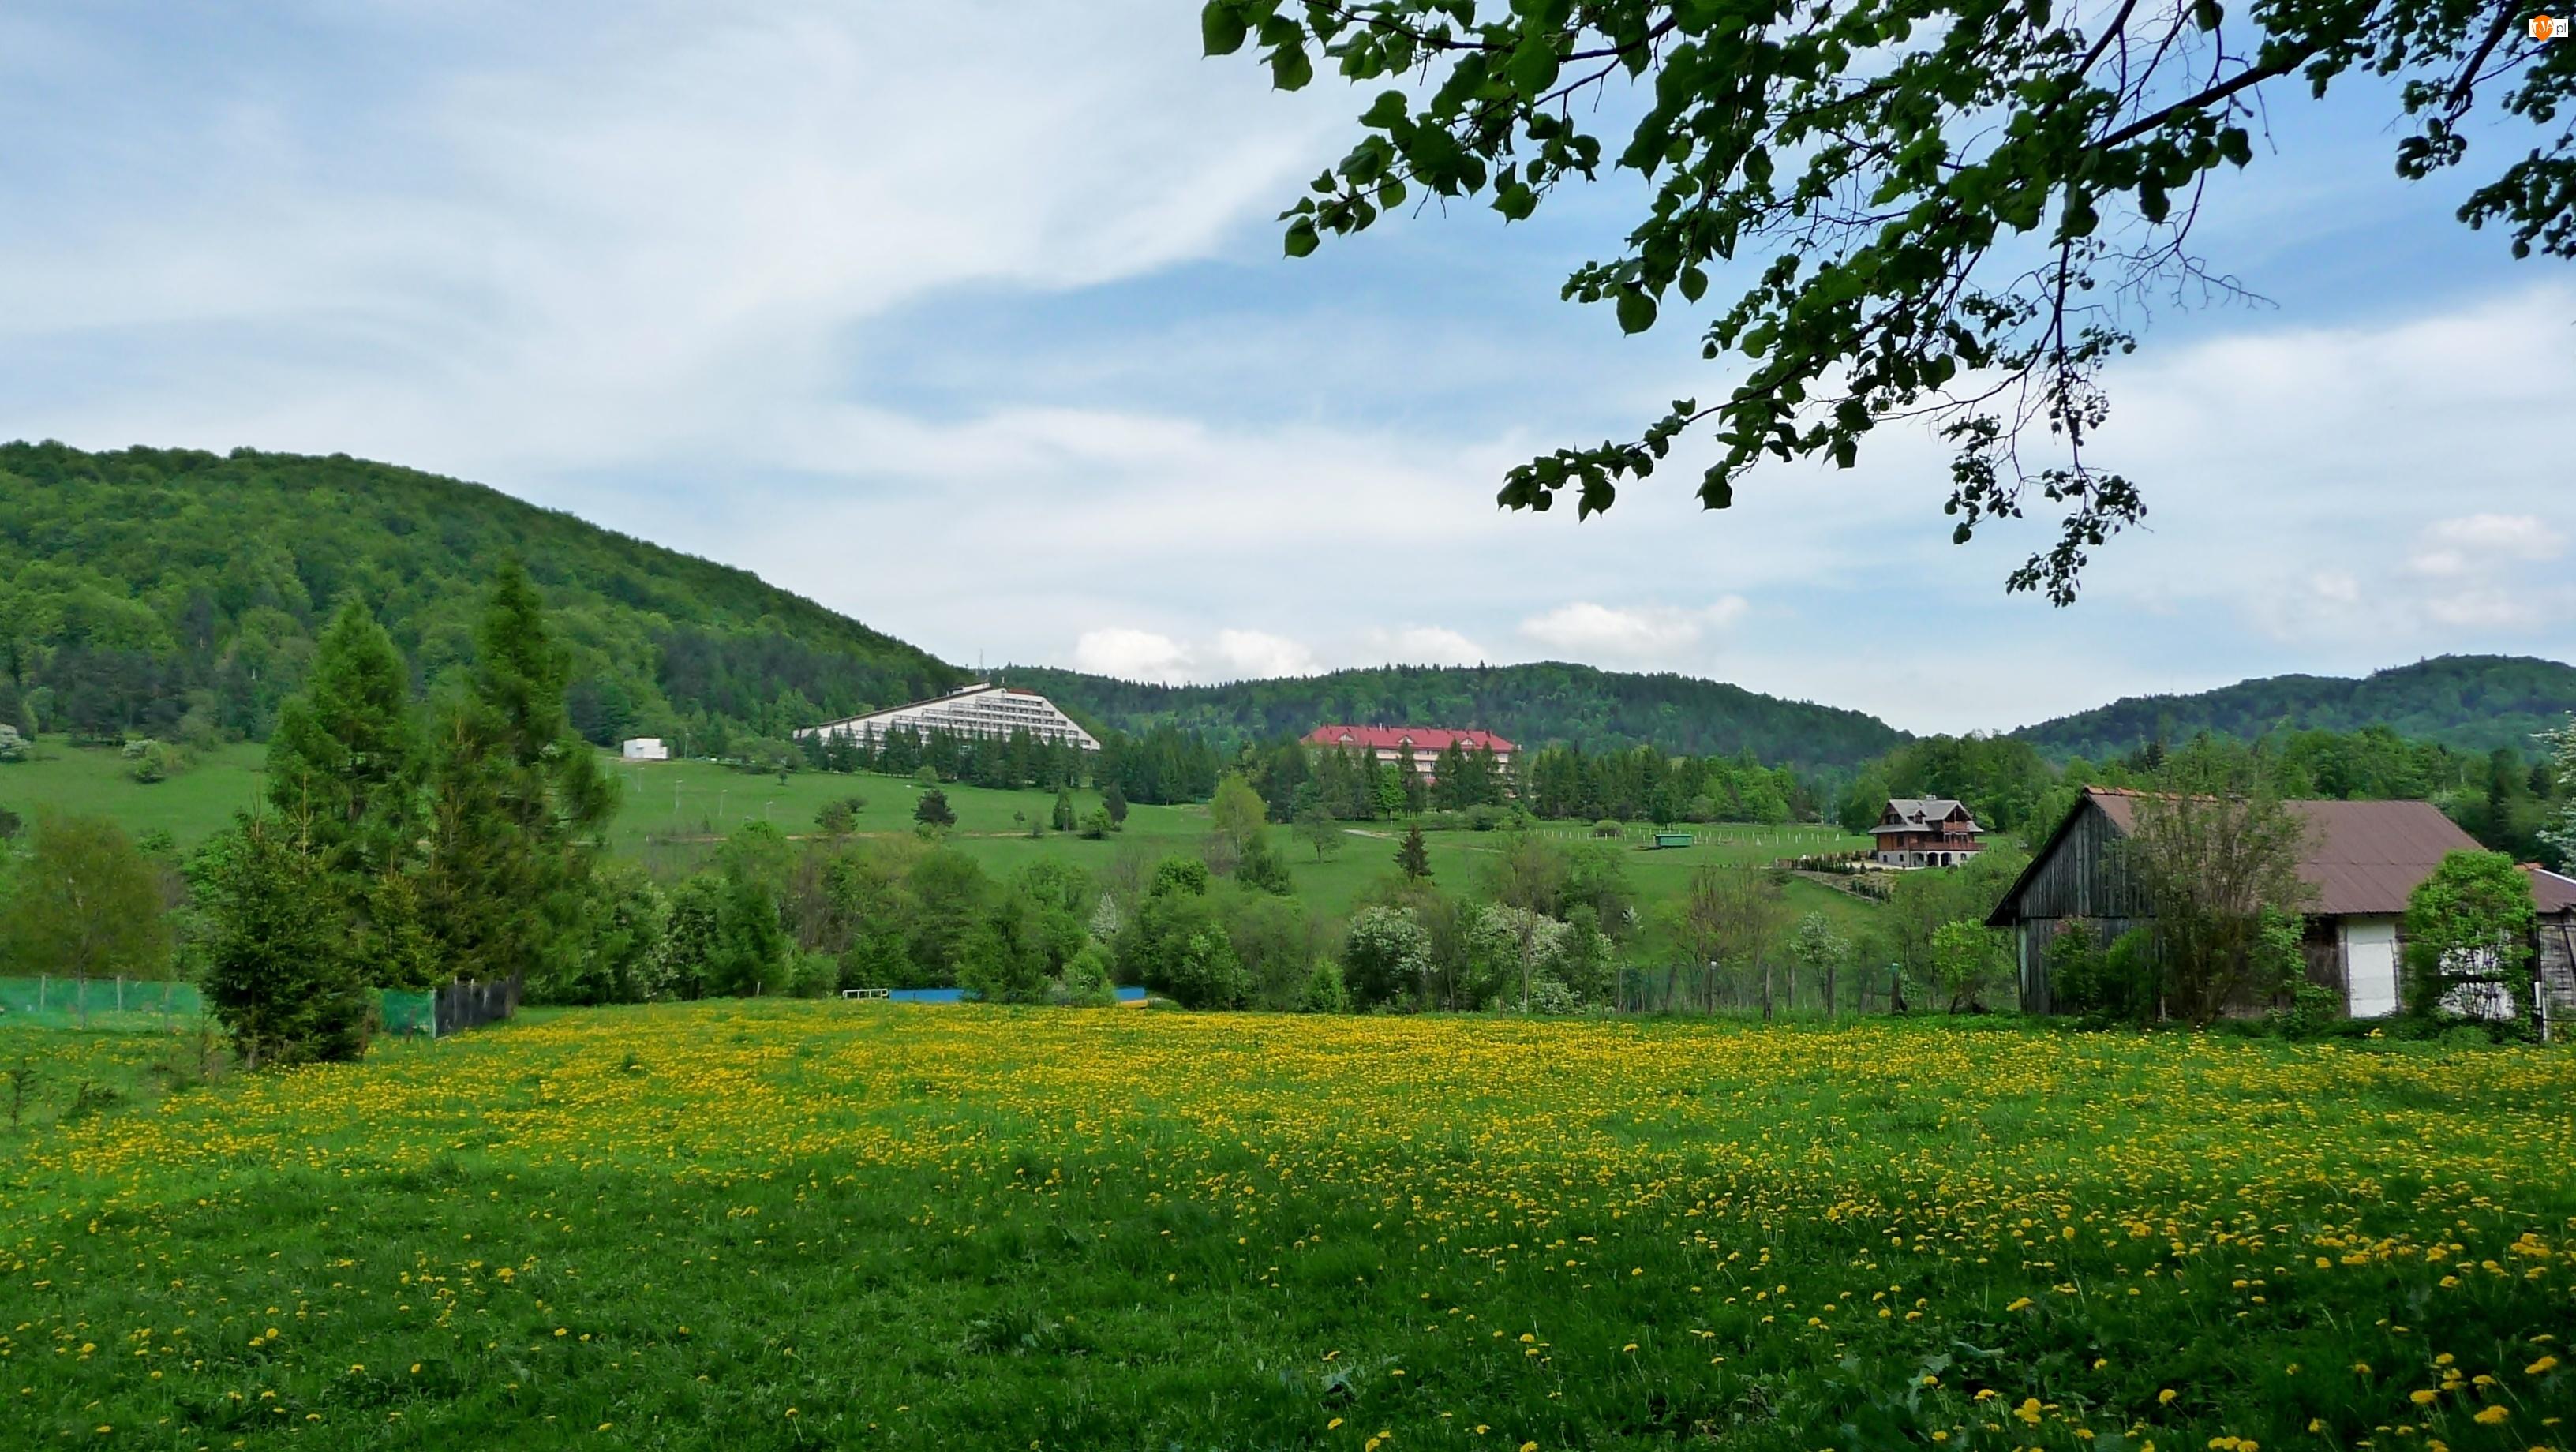 Hotel, Wiosenne klimaty, Wzgórza